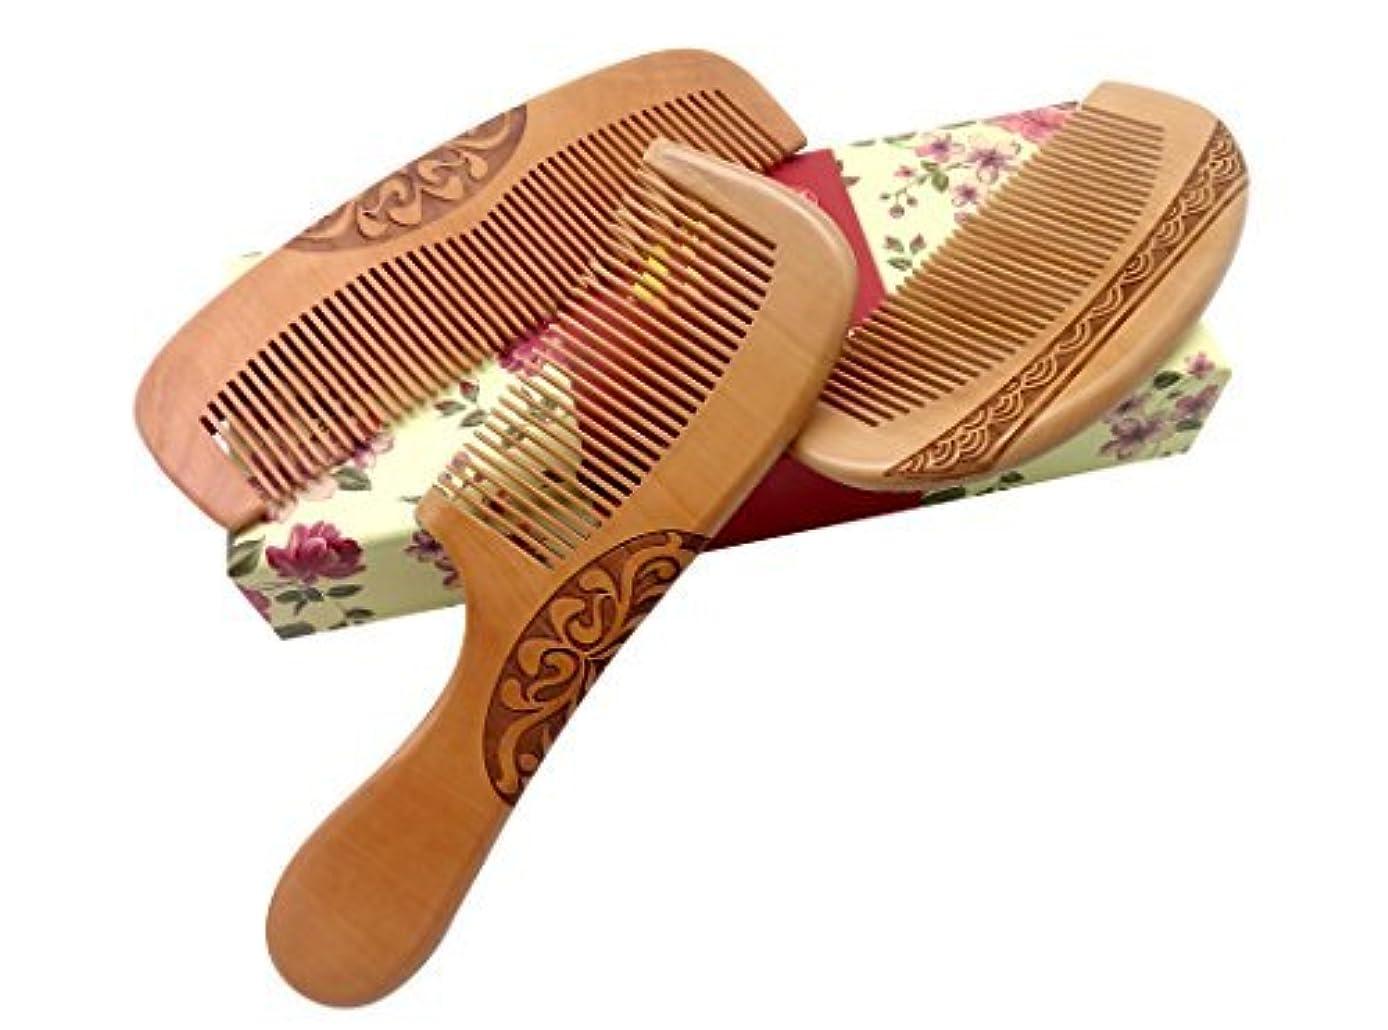 影響する不名誉な見る人ZuiKyuan Wooden Hair Comb No Static Hair Detangler Detangling Comb with Premium Gift Box 3 Pcs [並行輸入品]